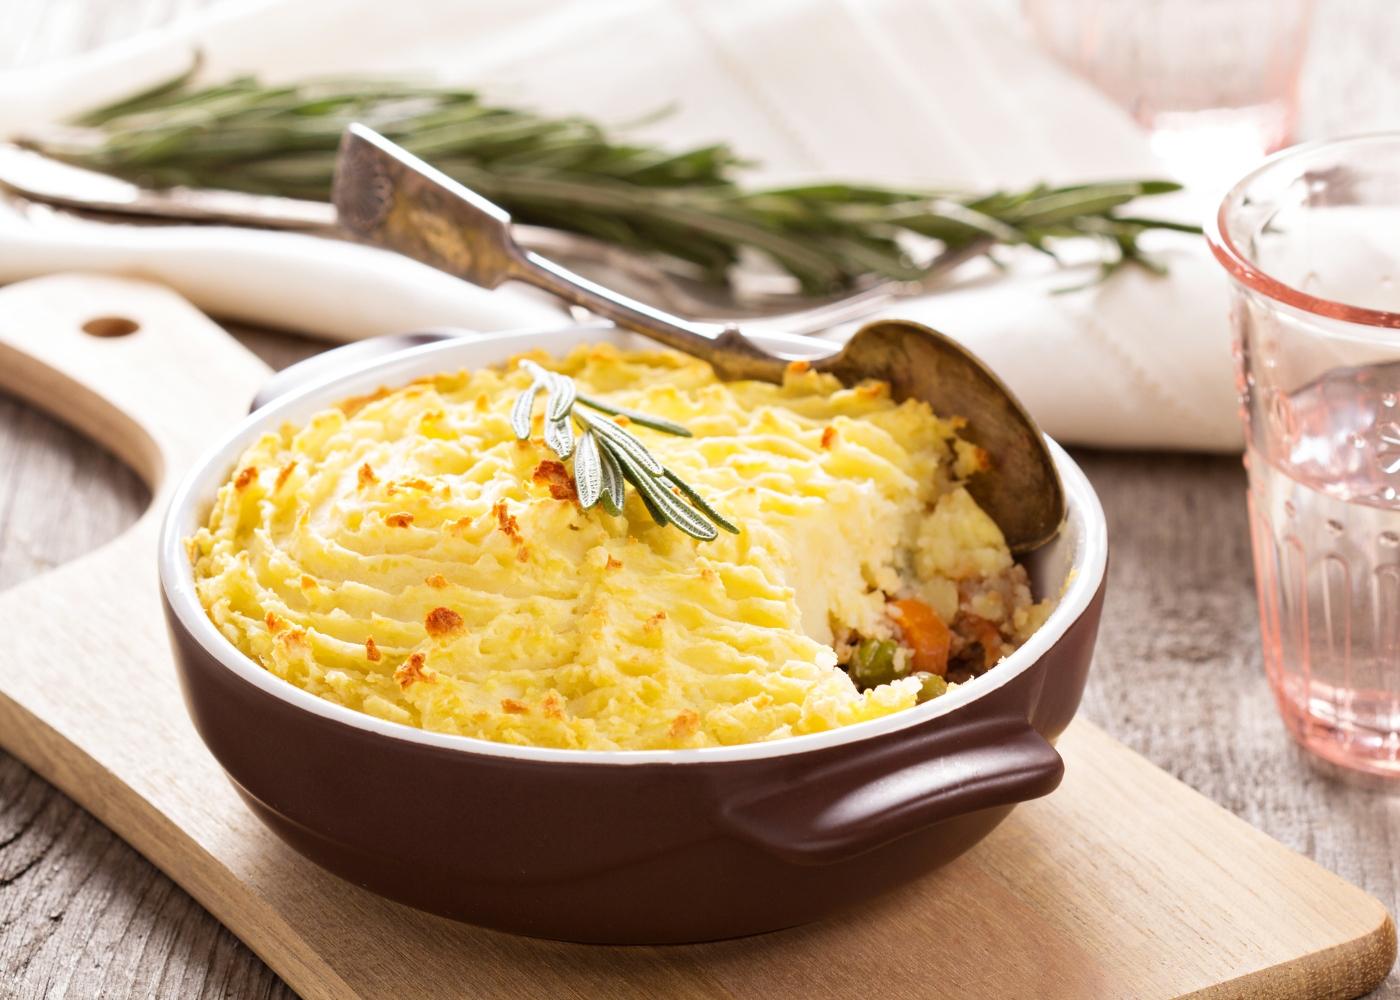 caçarola com empadão de legumes com cenoura, curgete e alho francês